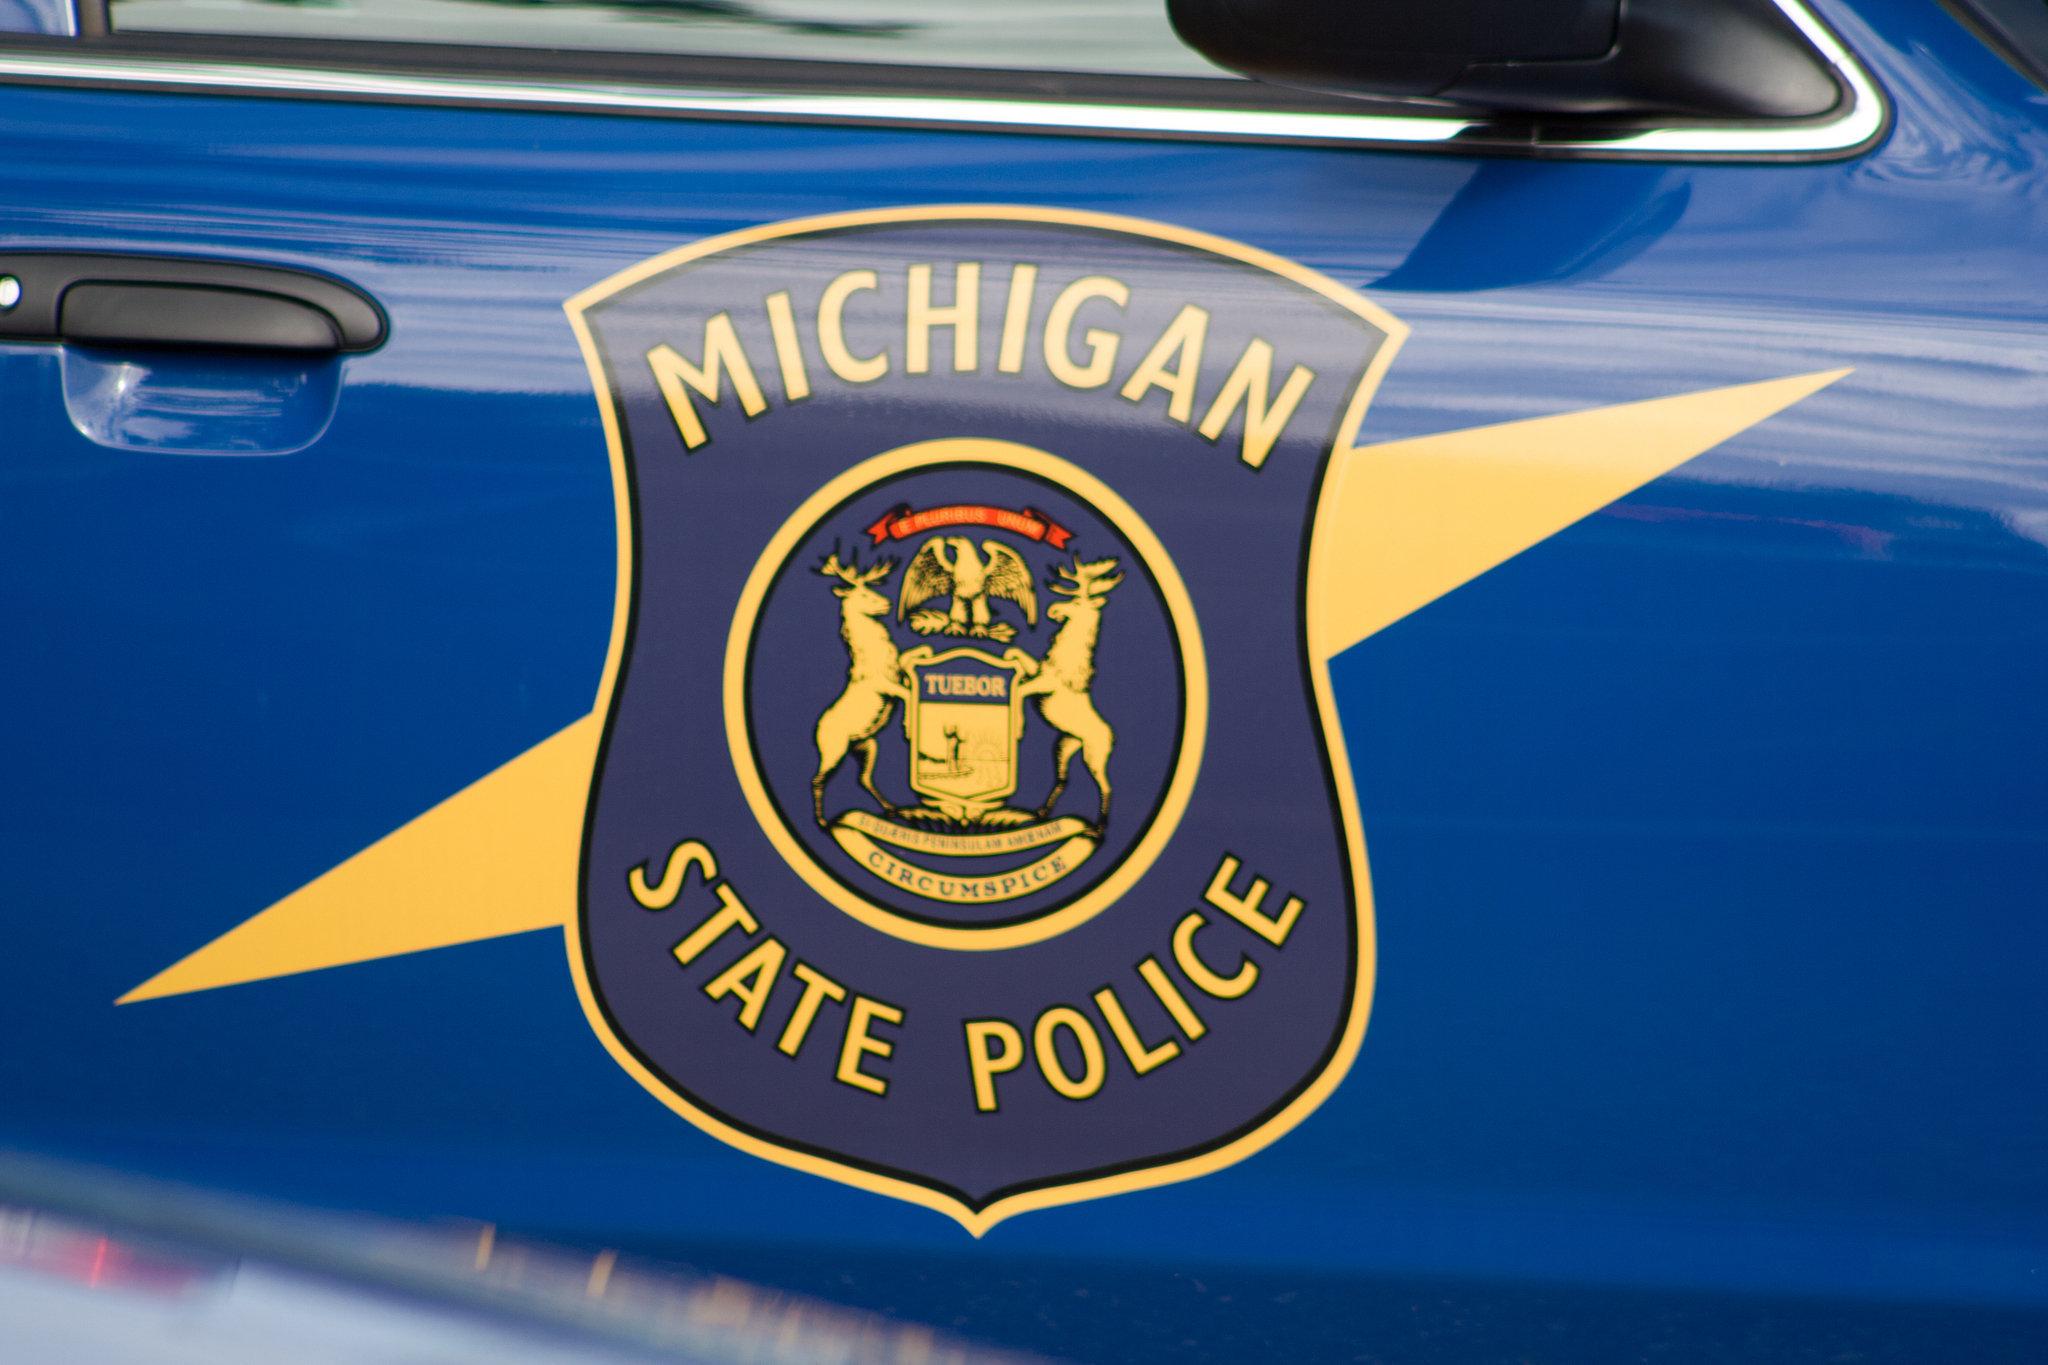 Suspected drunken driver arrested after wrong-way crash on I-96